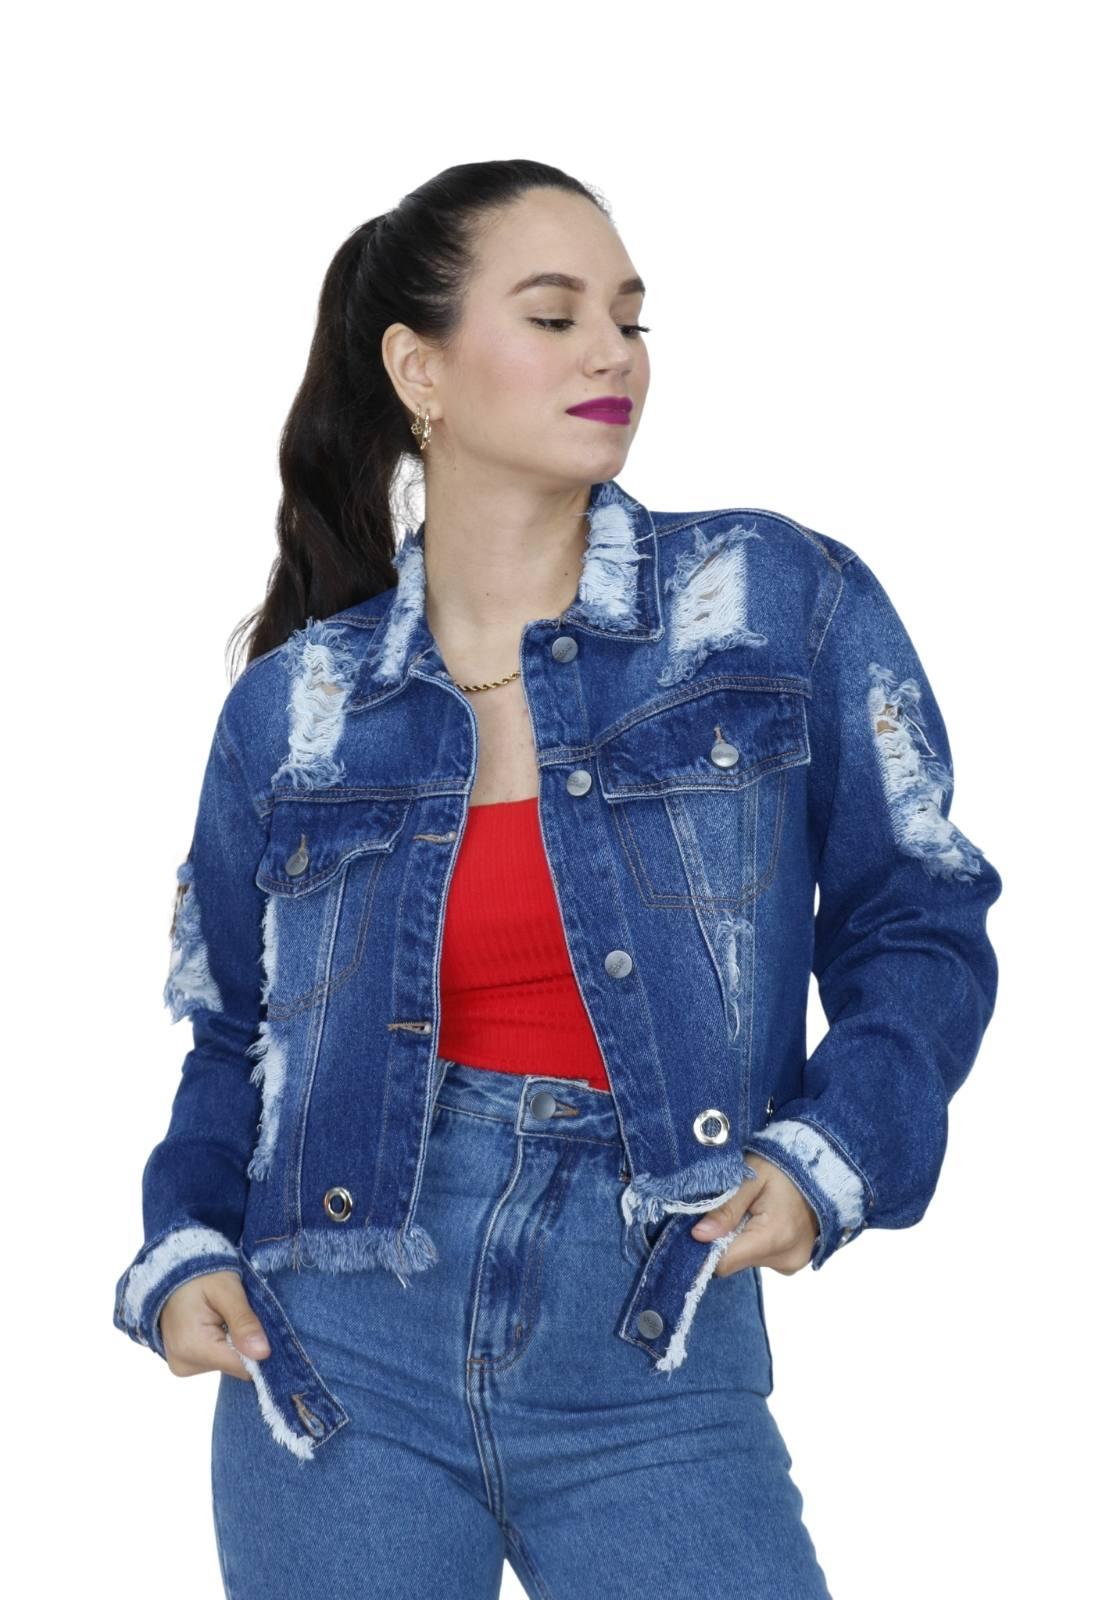 Jaqueta Feminina Jeans Escuro Cropped Ilhós